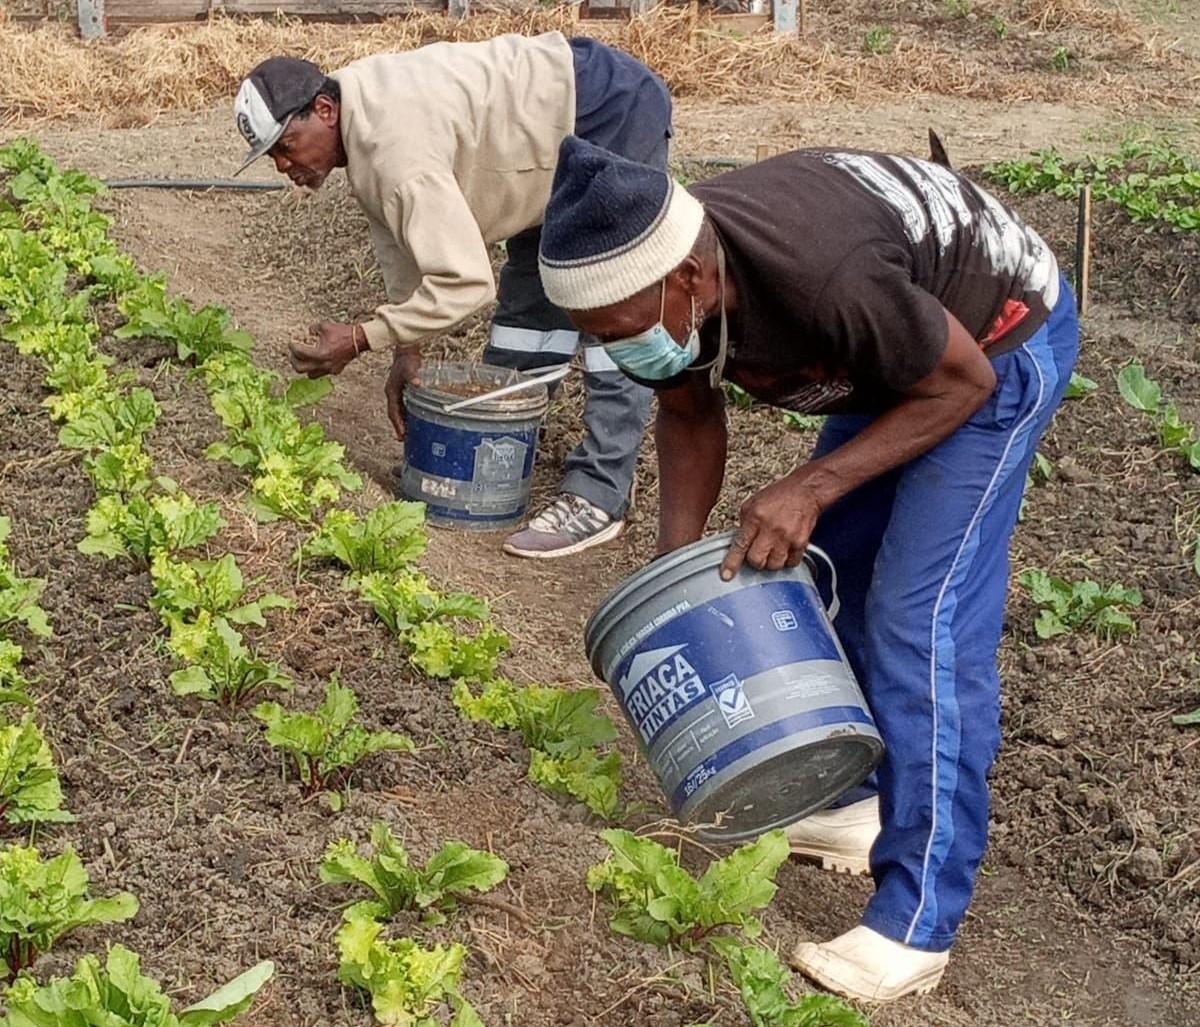 Plantação de mudas de hortaliça no acampamento do MST: primeiros alimentos orgânicos colhidos três meses após Justiça garantir posse da terra (Foto: Pablo Vergara/MST)